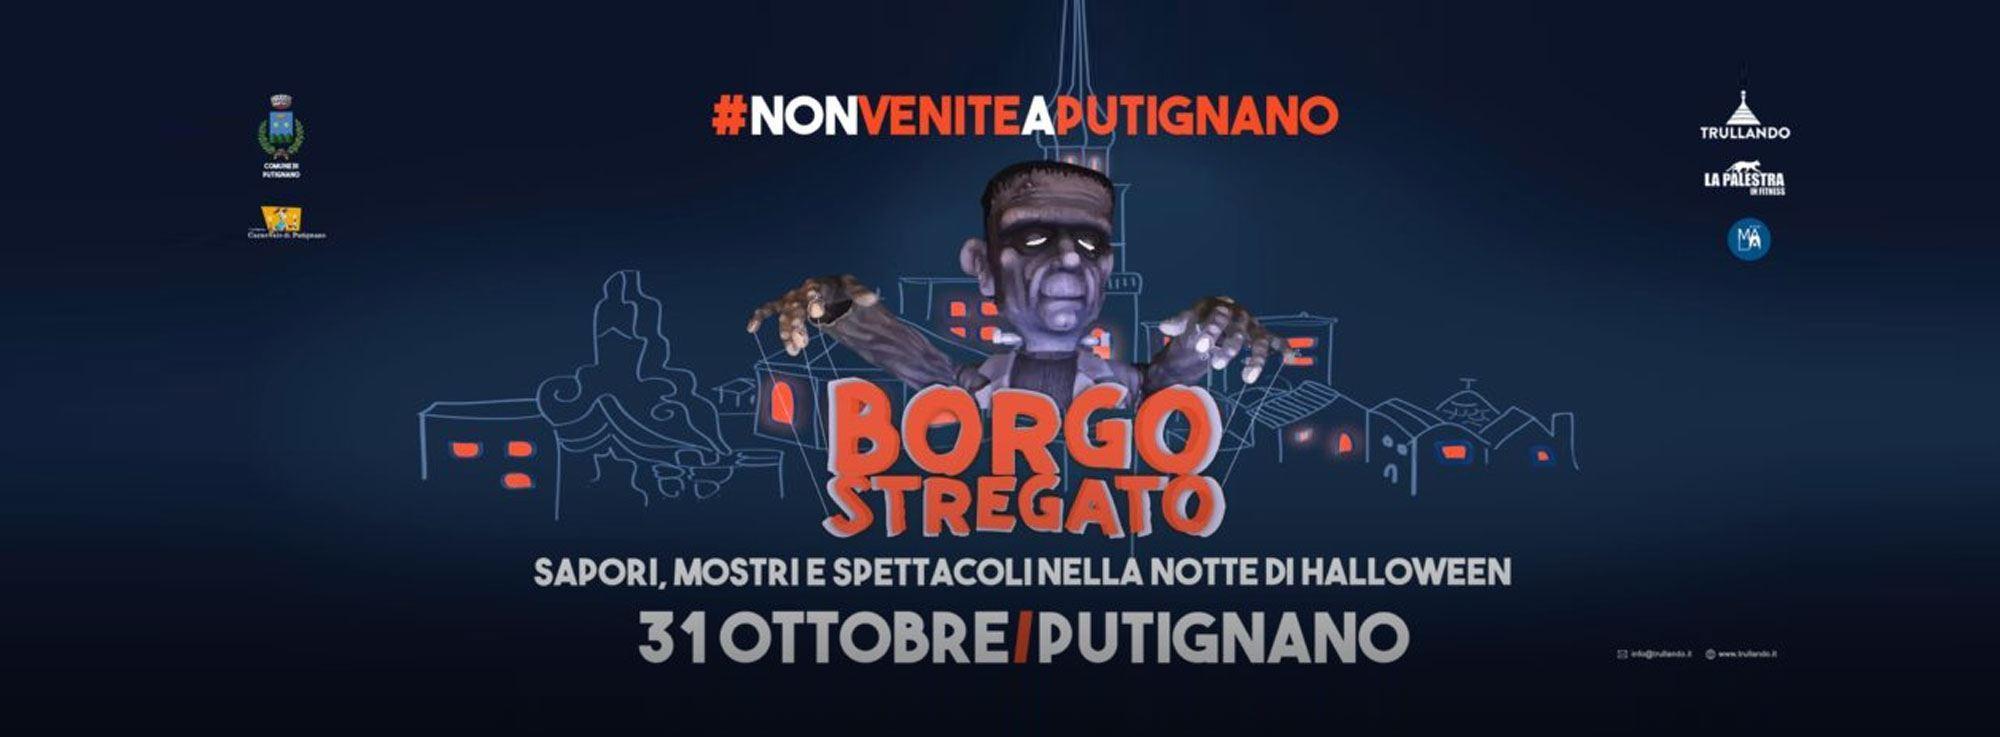 Putignano: Borgo Stregato